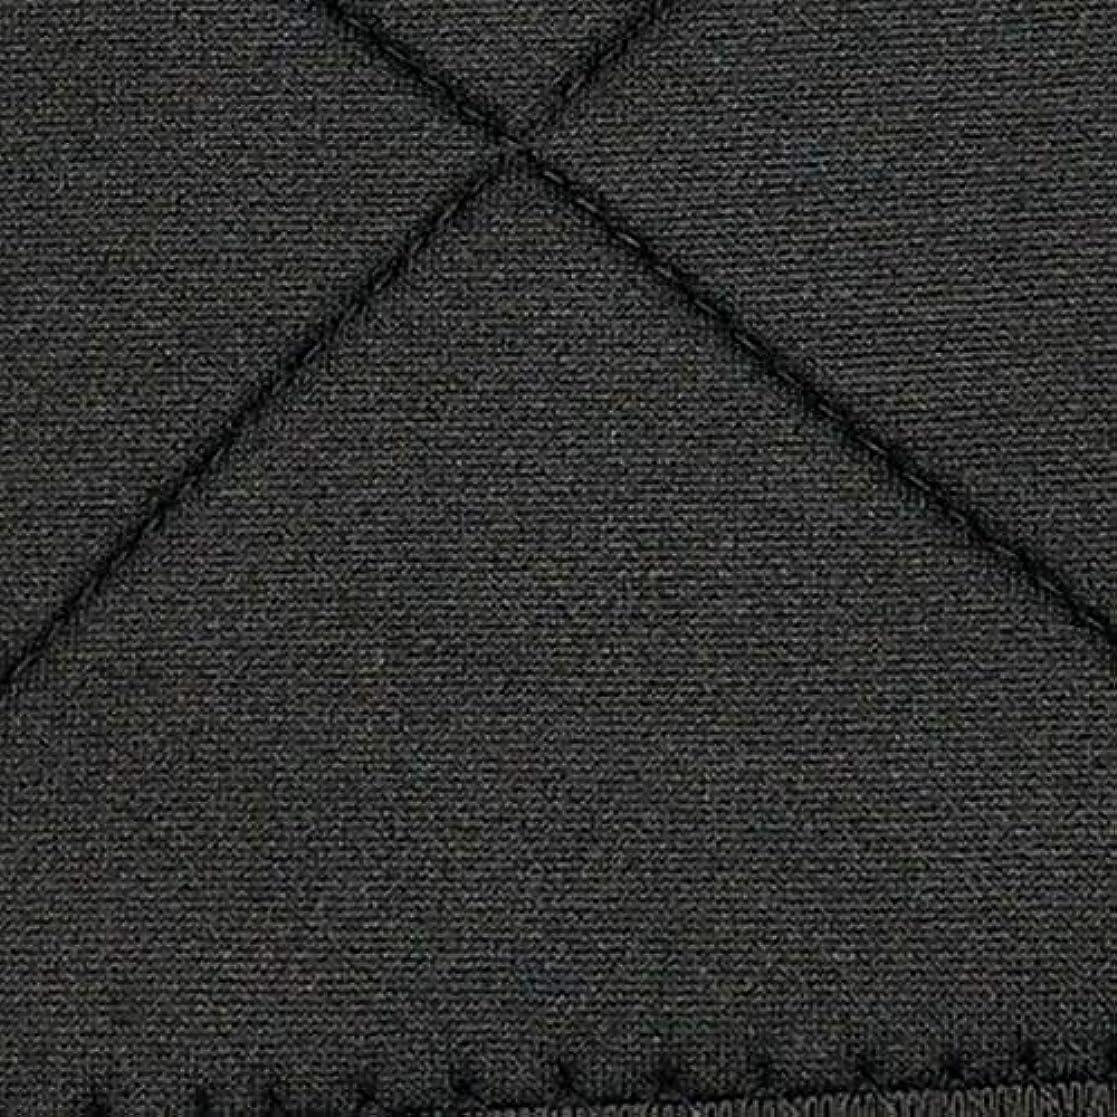 報復するくしゃみクリエイティブネオプレン姿勢矯正ショルダーバックサポート姿勢弯症バンド整形バックコルセットブレース(黒)